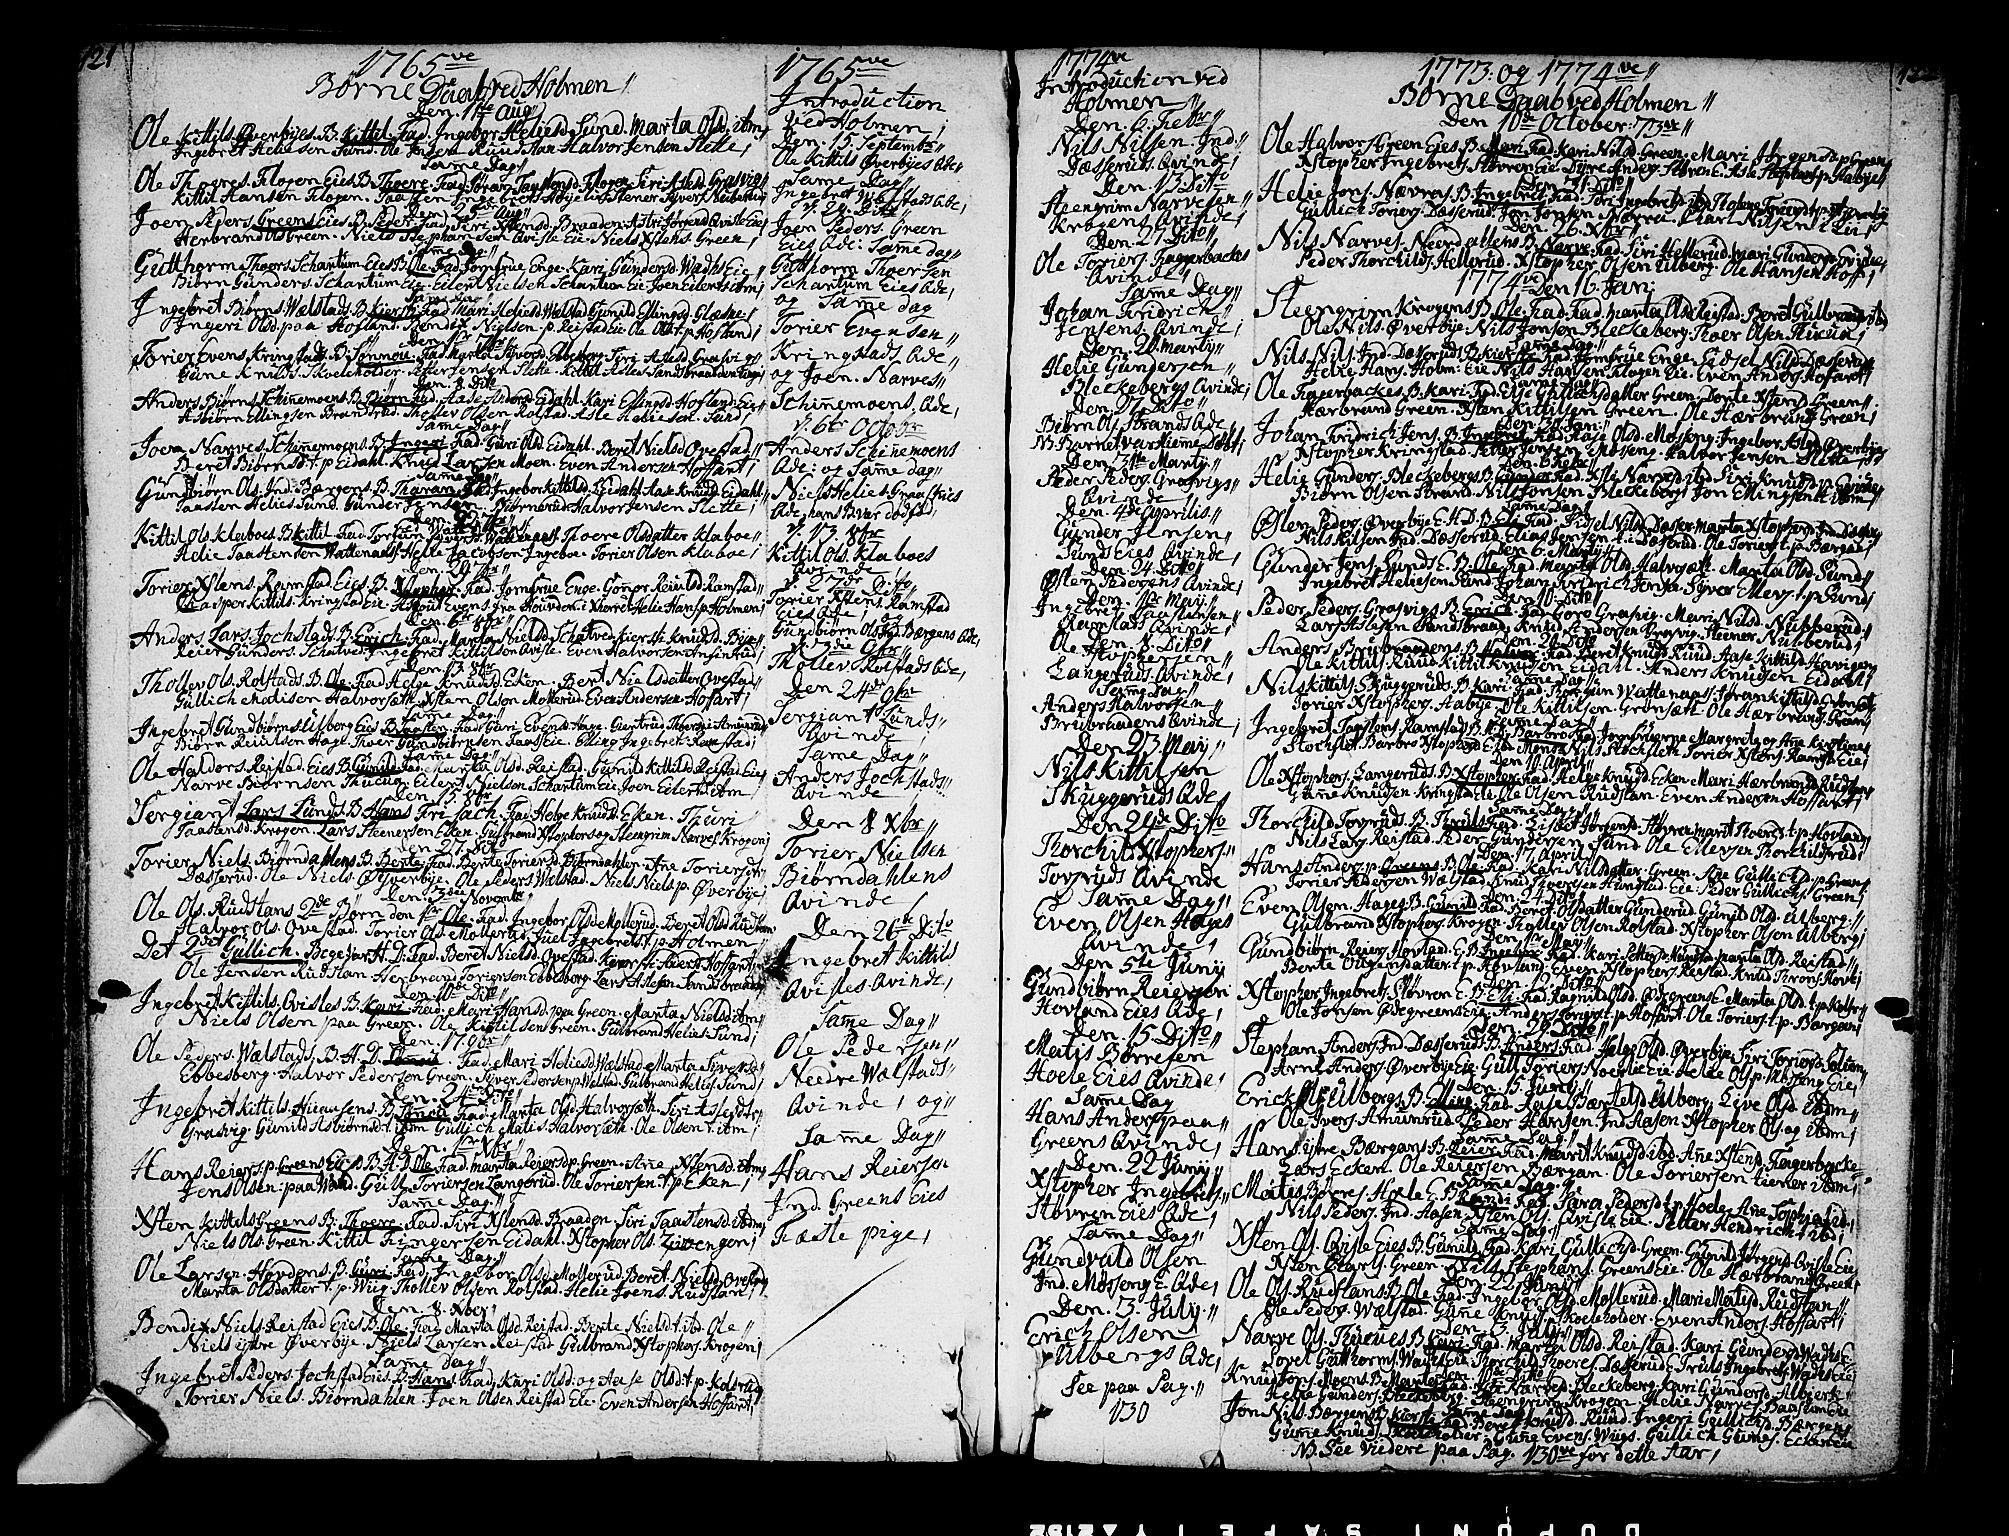 SAKO, Sigdal kirkebøker, F/Fa/L0001: Ministerialbok nr. I 1, 1722-1777, s. 121-122